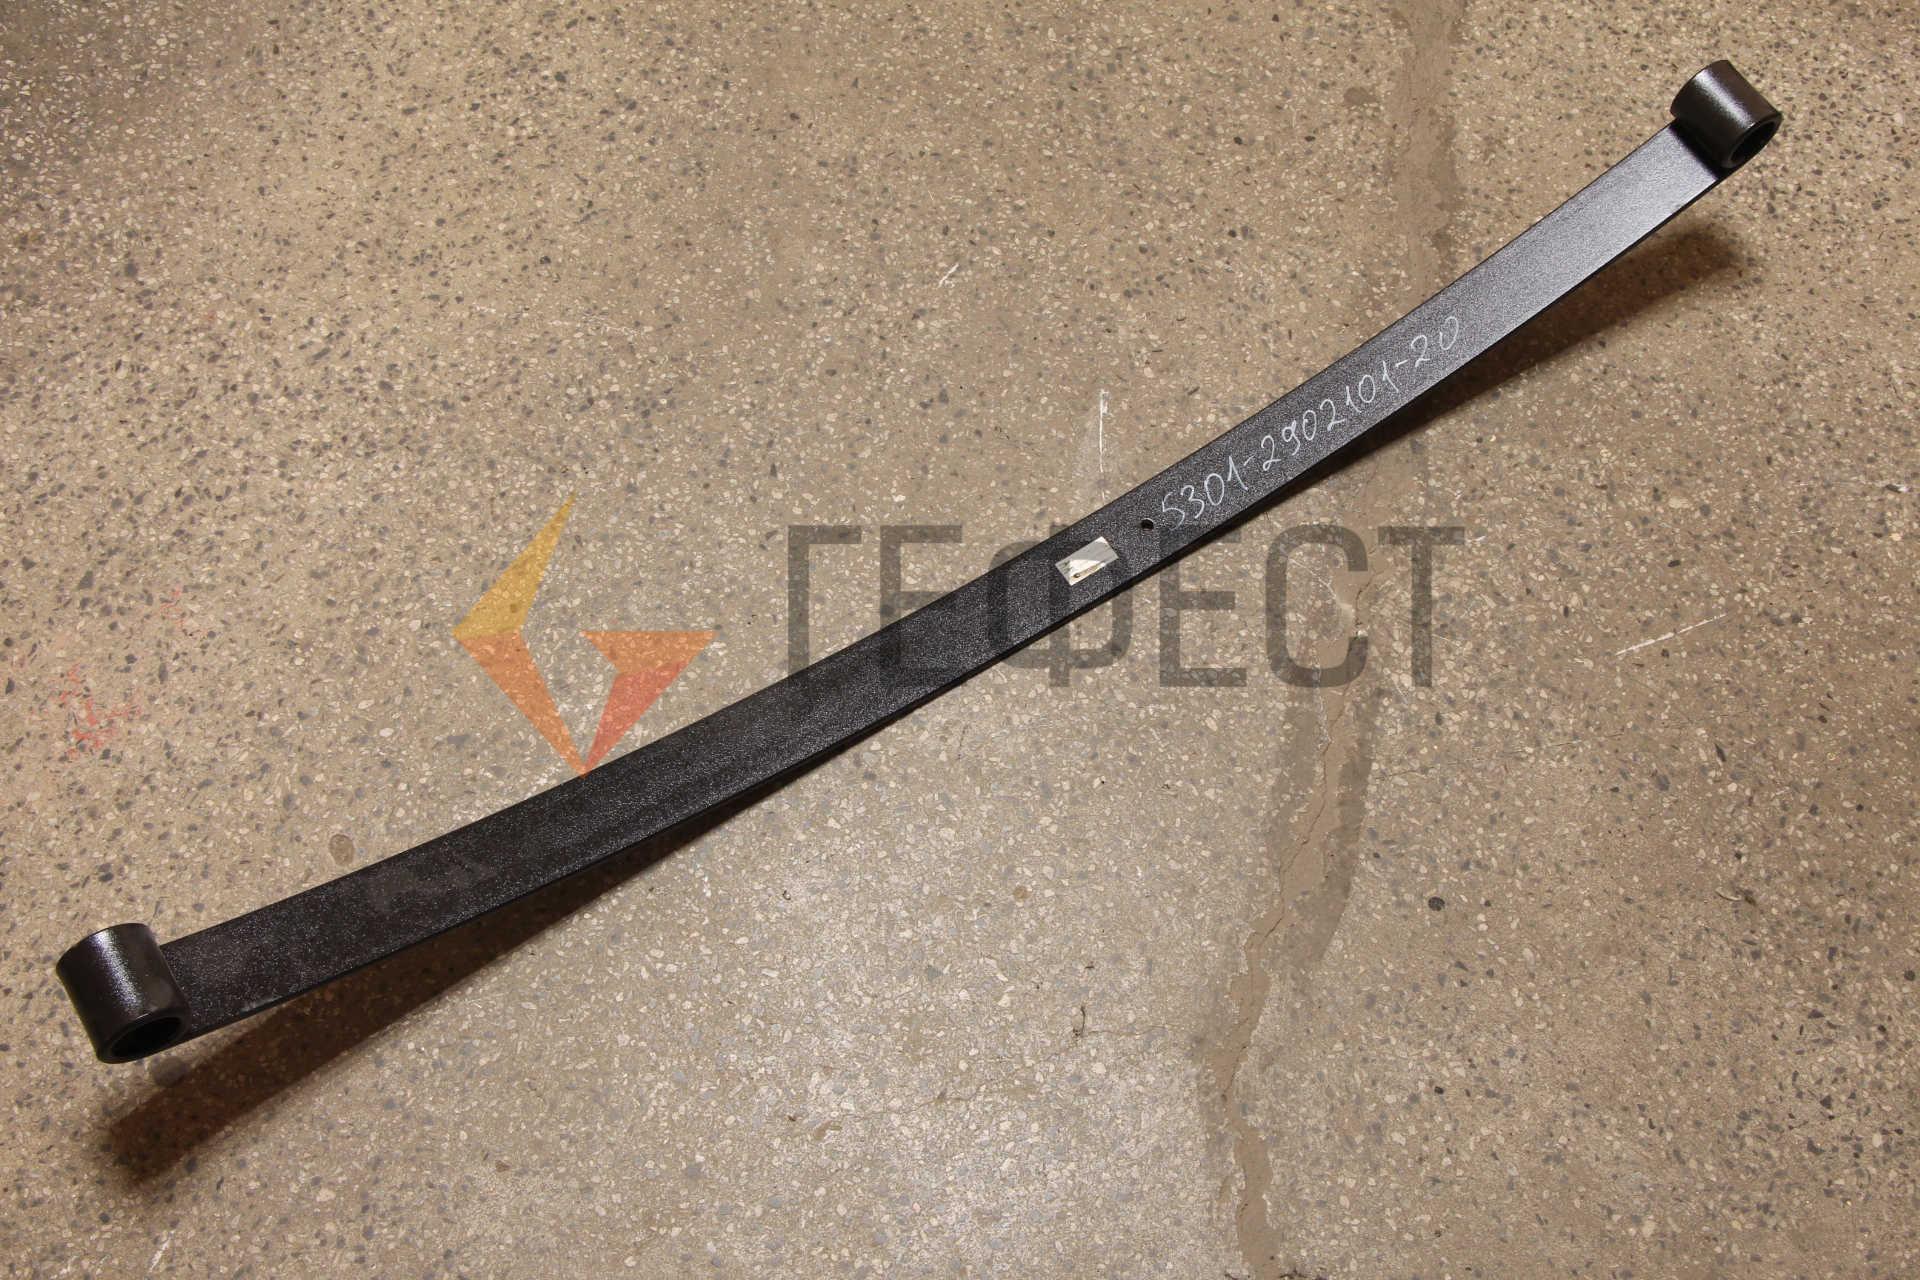 Лист рессоры  5301-2902101-20 на ЗИЛ передний №1 - купить по выгодной цене 1 310 руб.